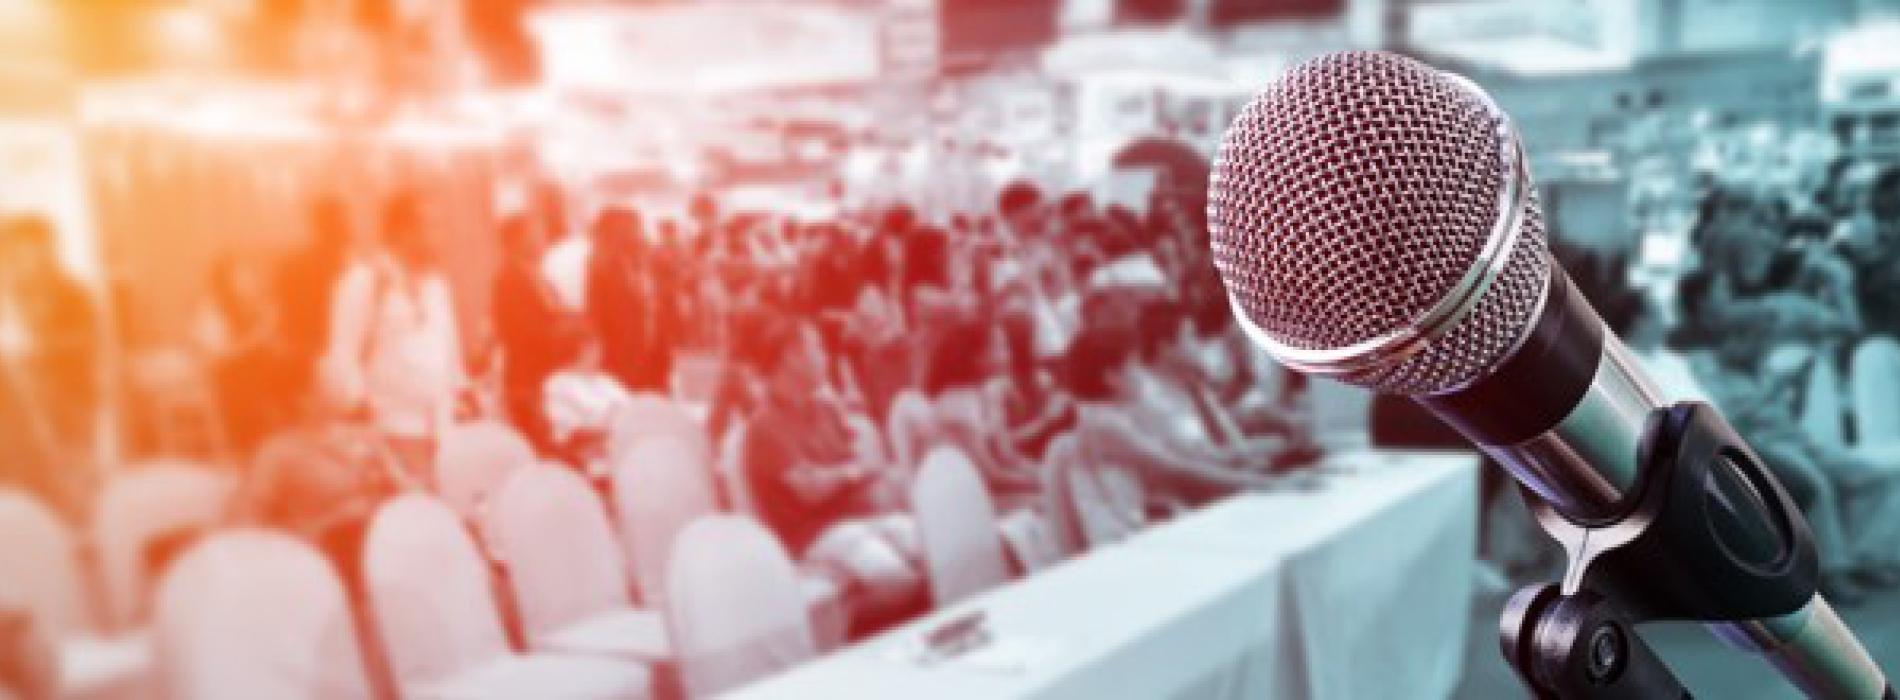 Mediációval foglalkozó konferenciák